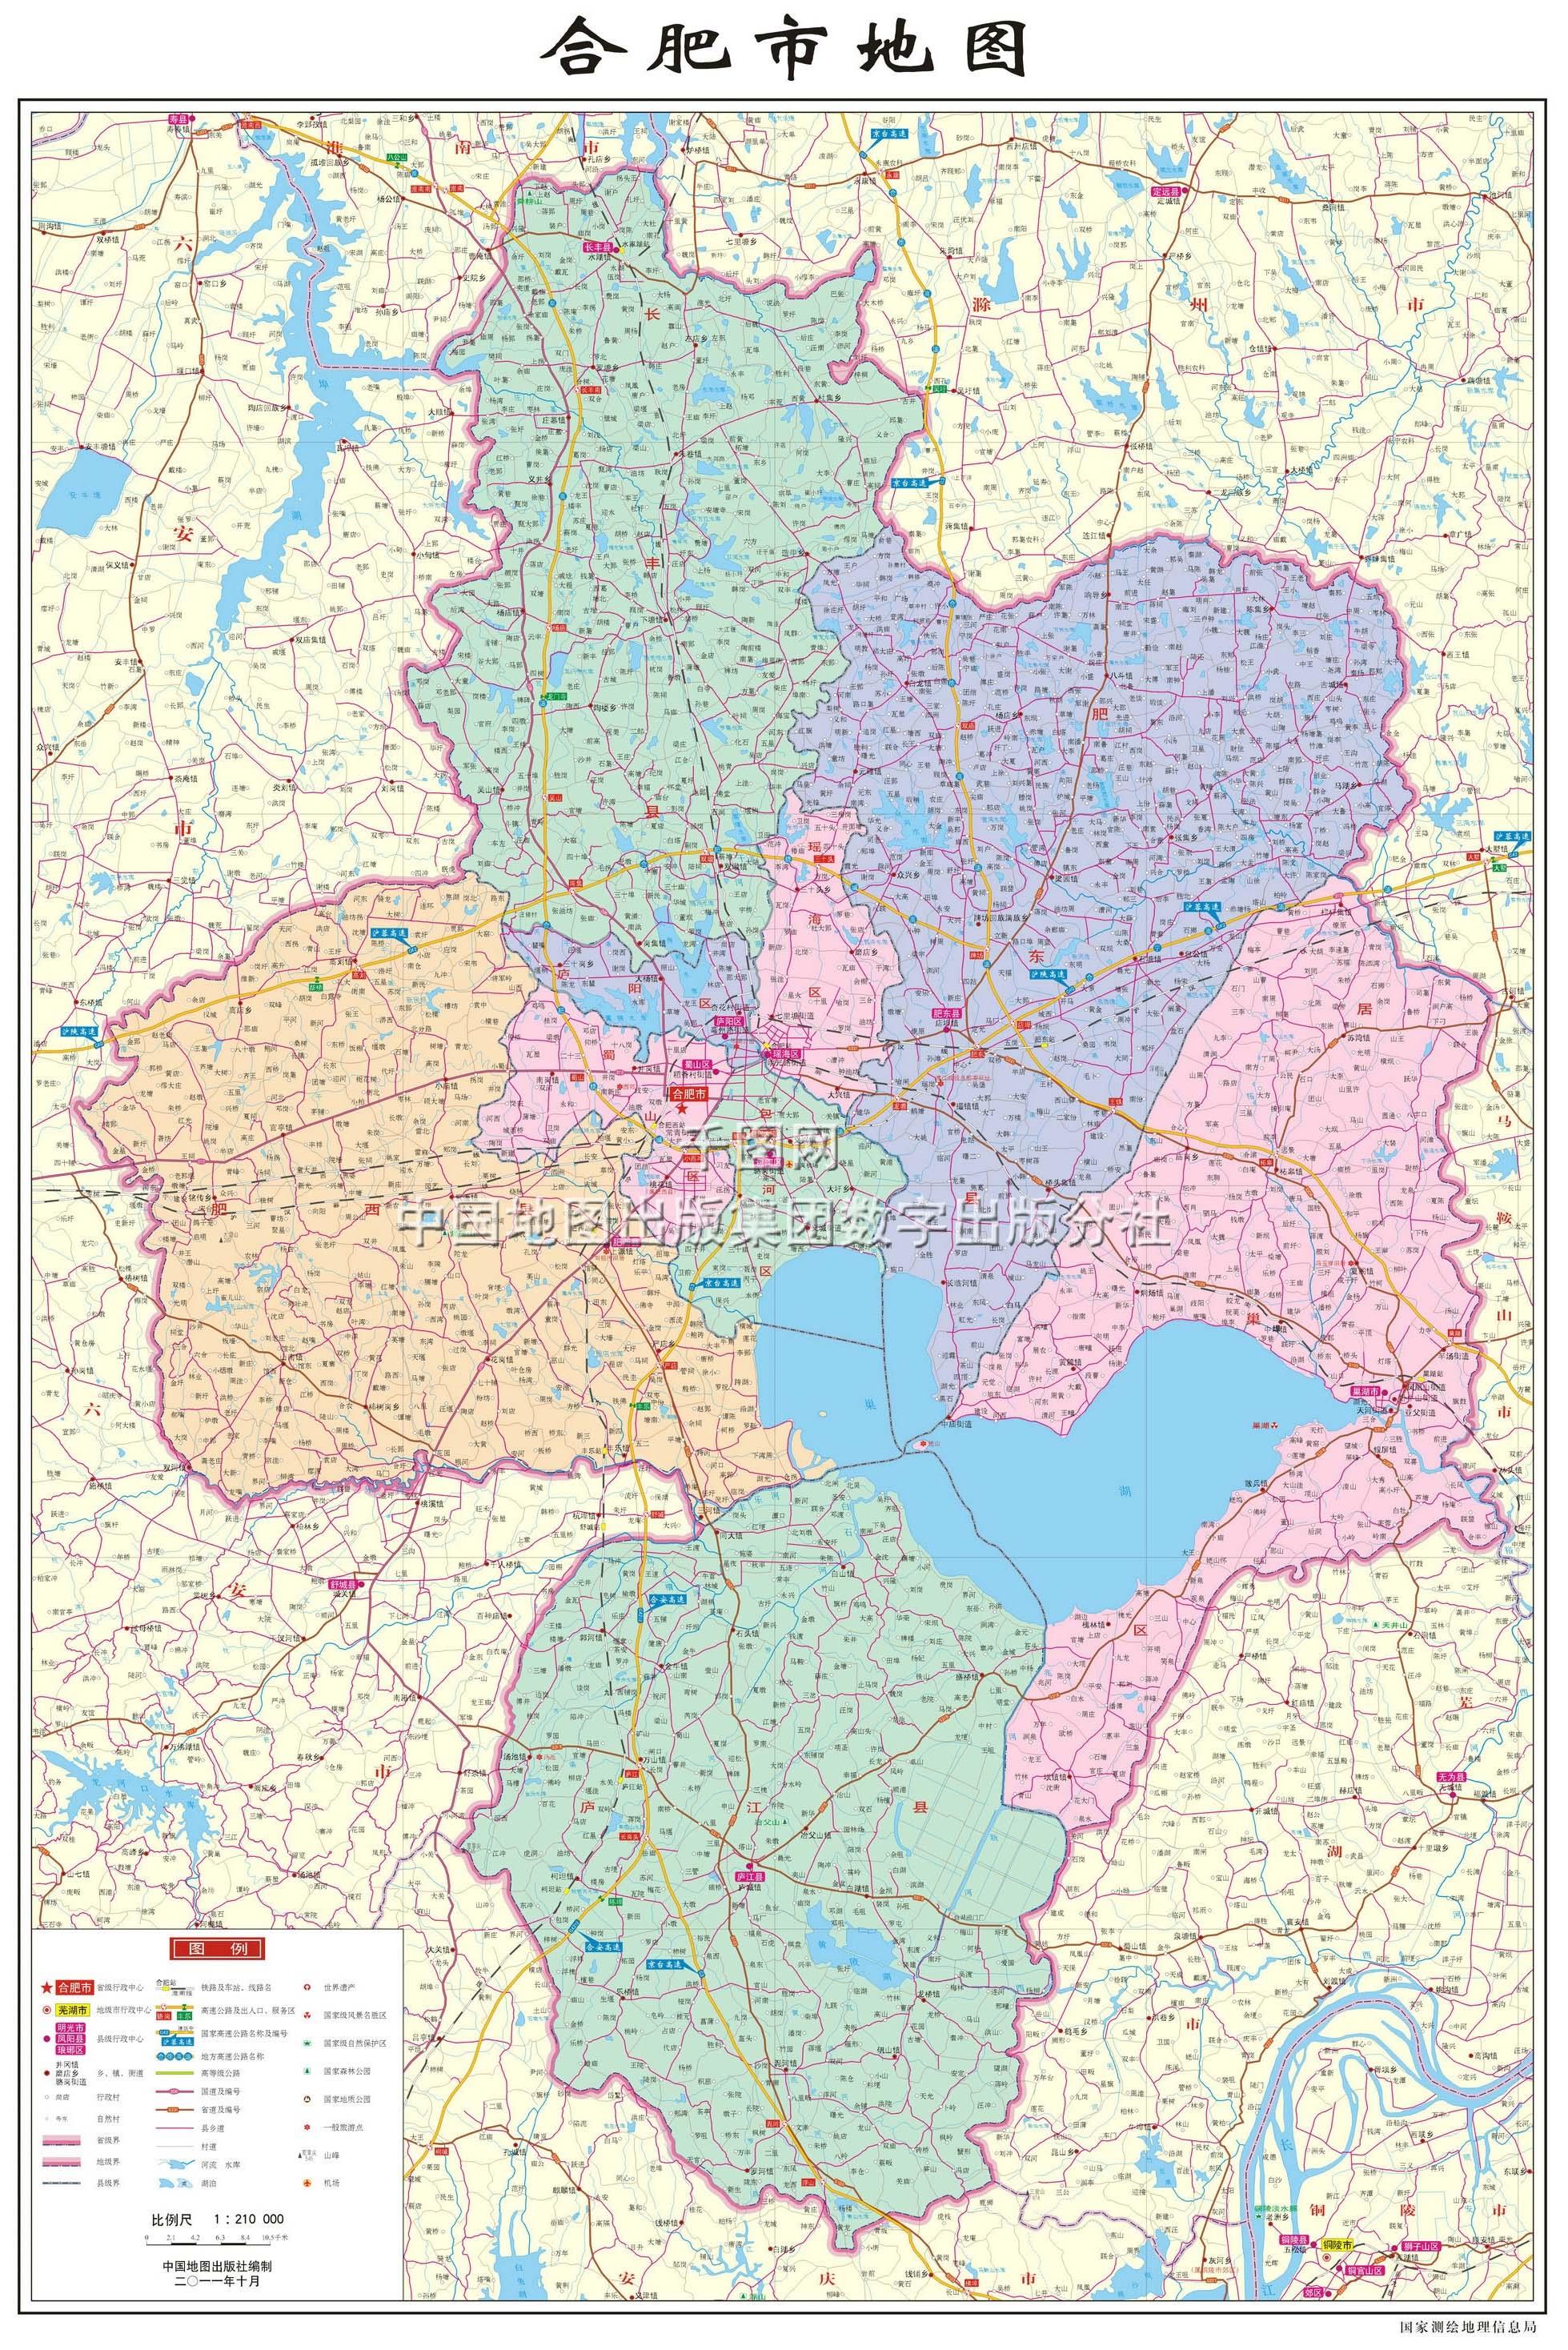 合肥市地图高清版